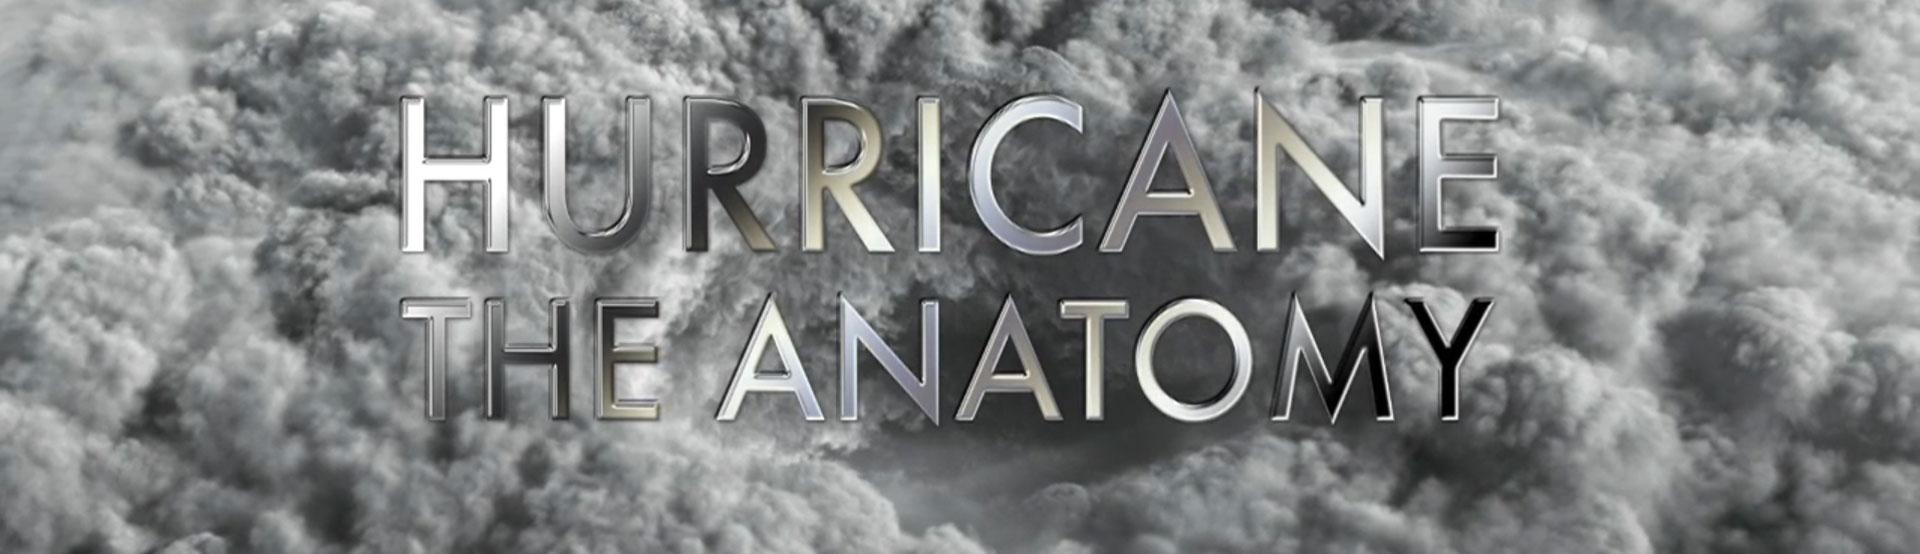 Hurricane The Anatomy